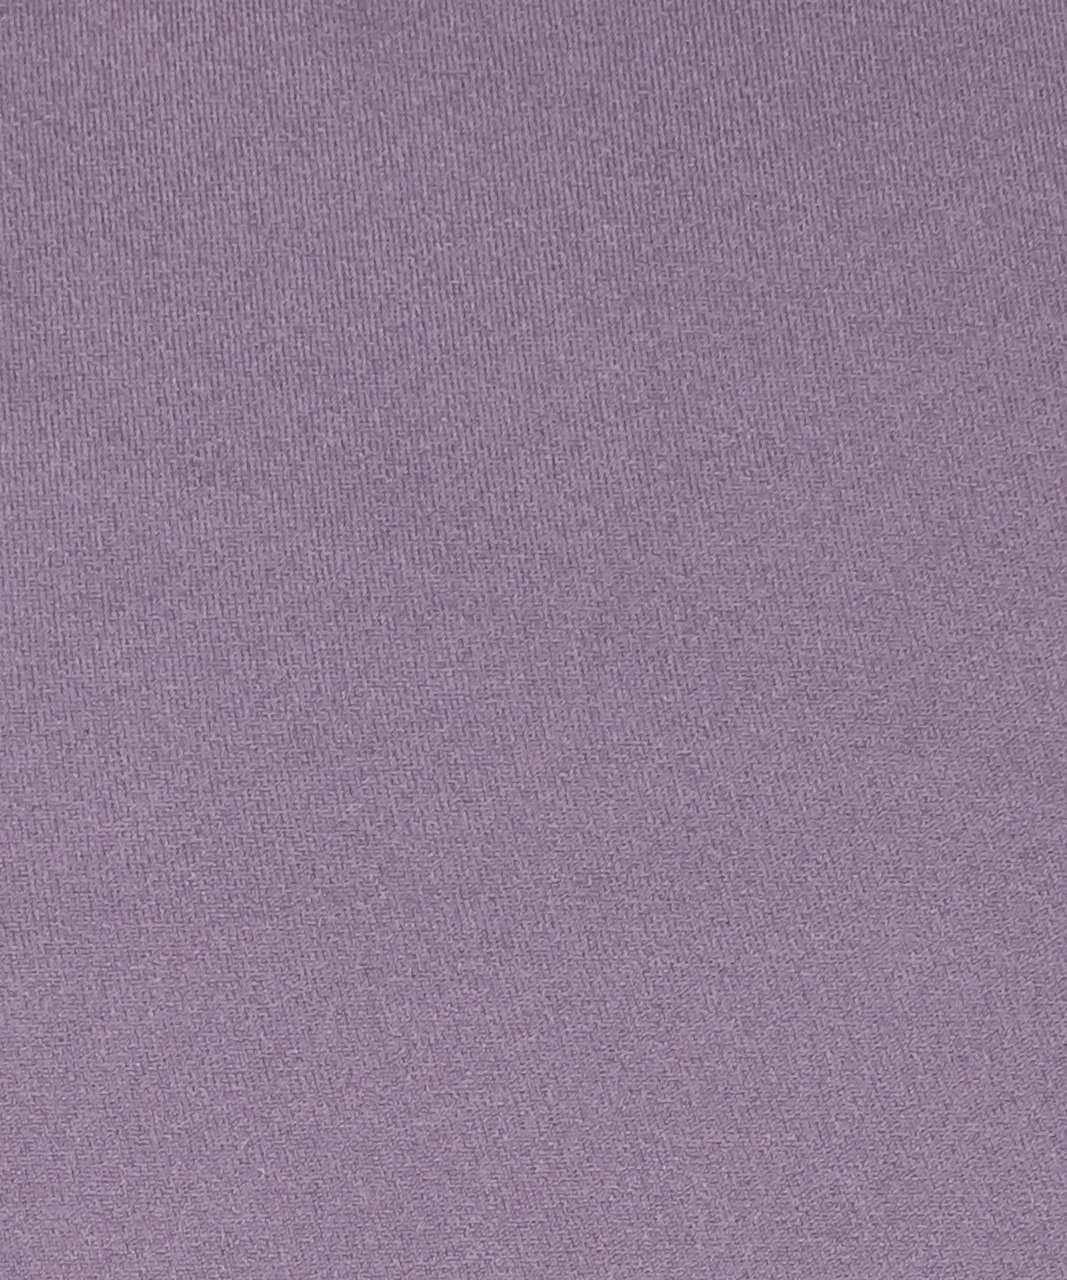 """Lululemon Align Pant II 25"""" - Graphite Purple"""